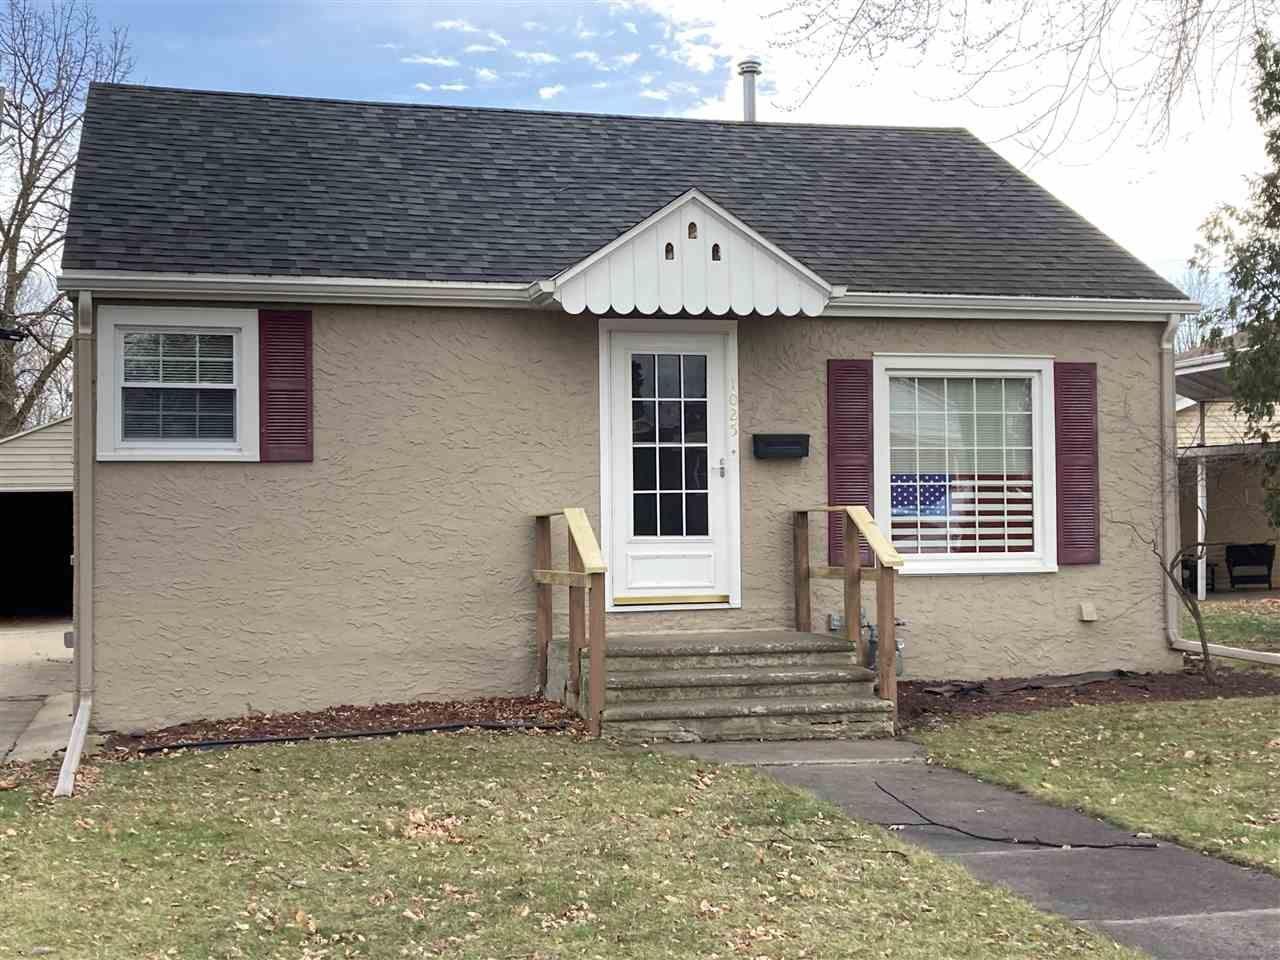 1025 NICOLET Avenue, Green Bay, WI 54304 - MLS#: 50232808